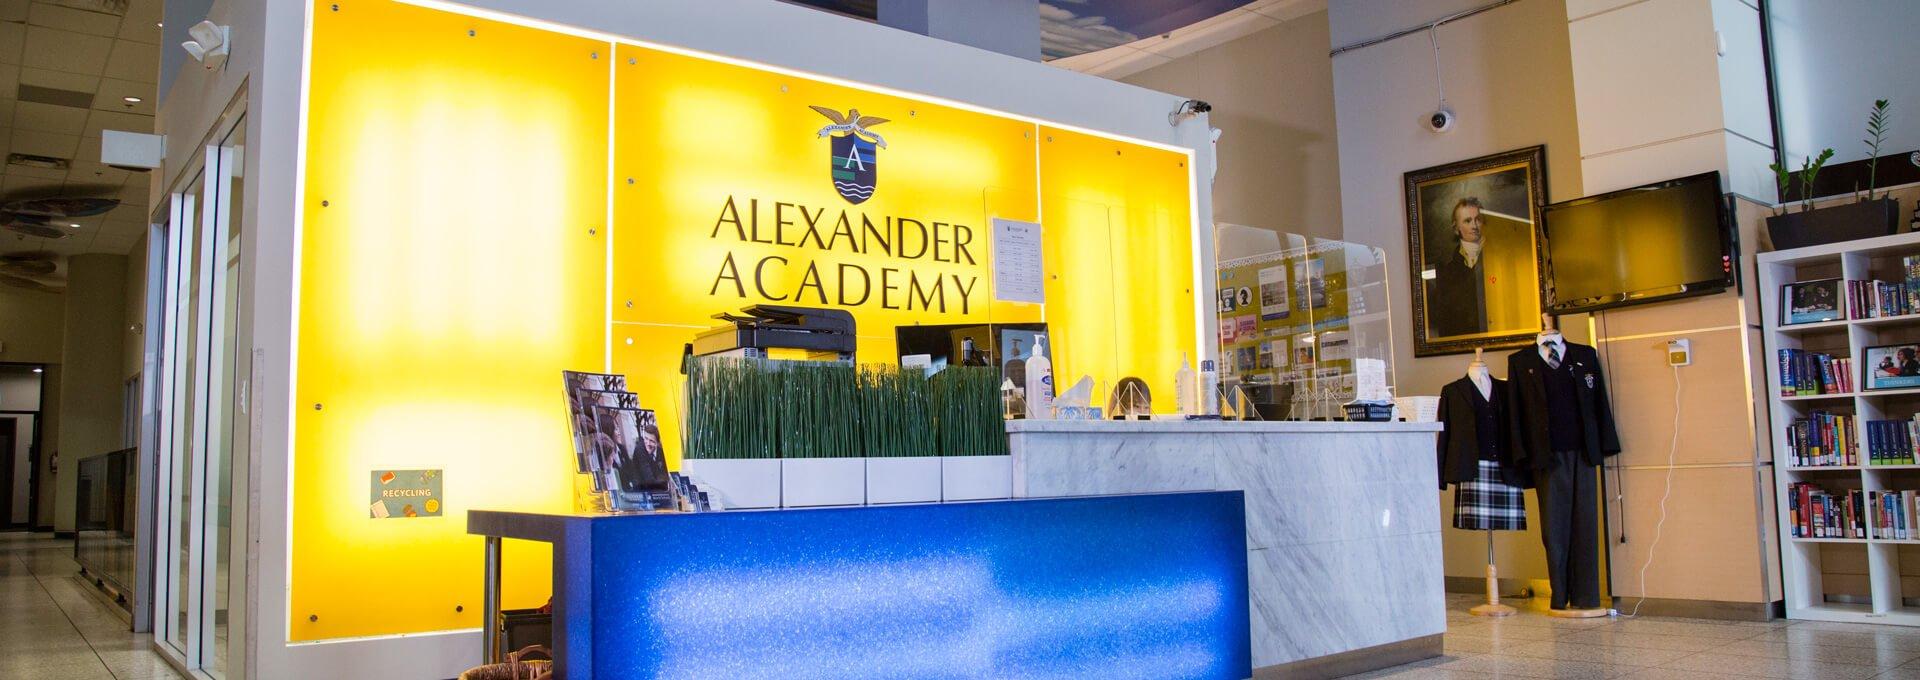 alexander-academy-school-1